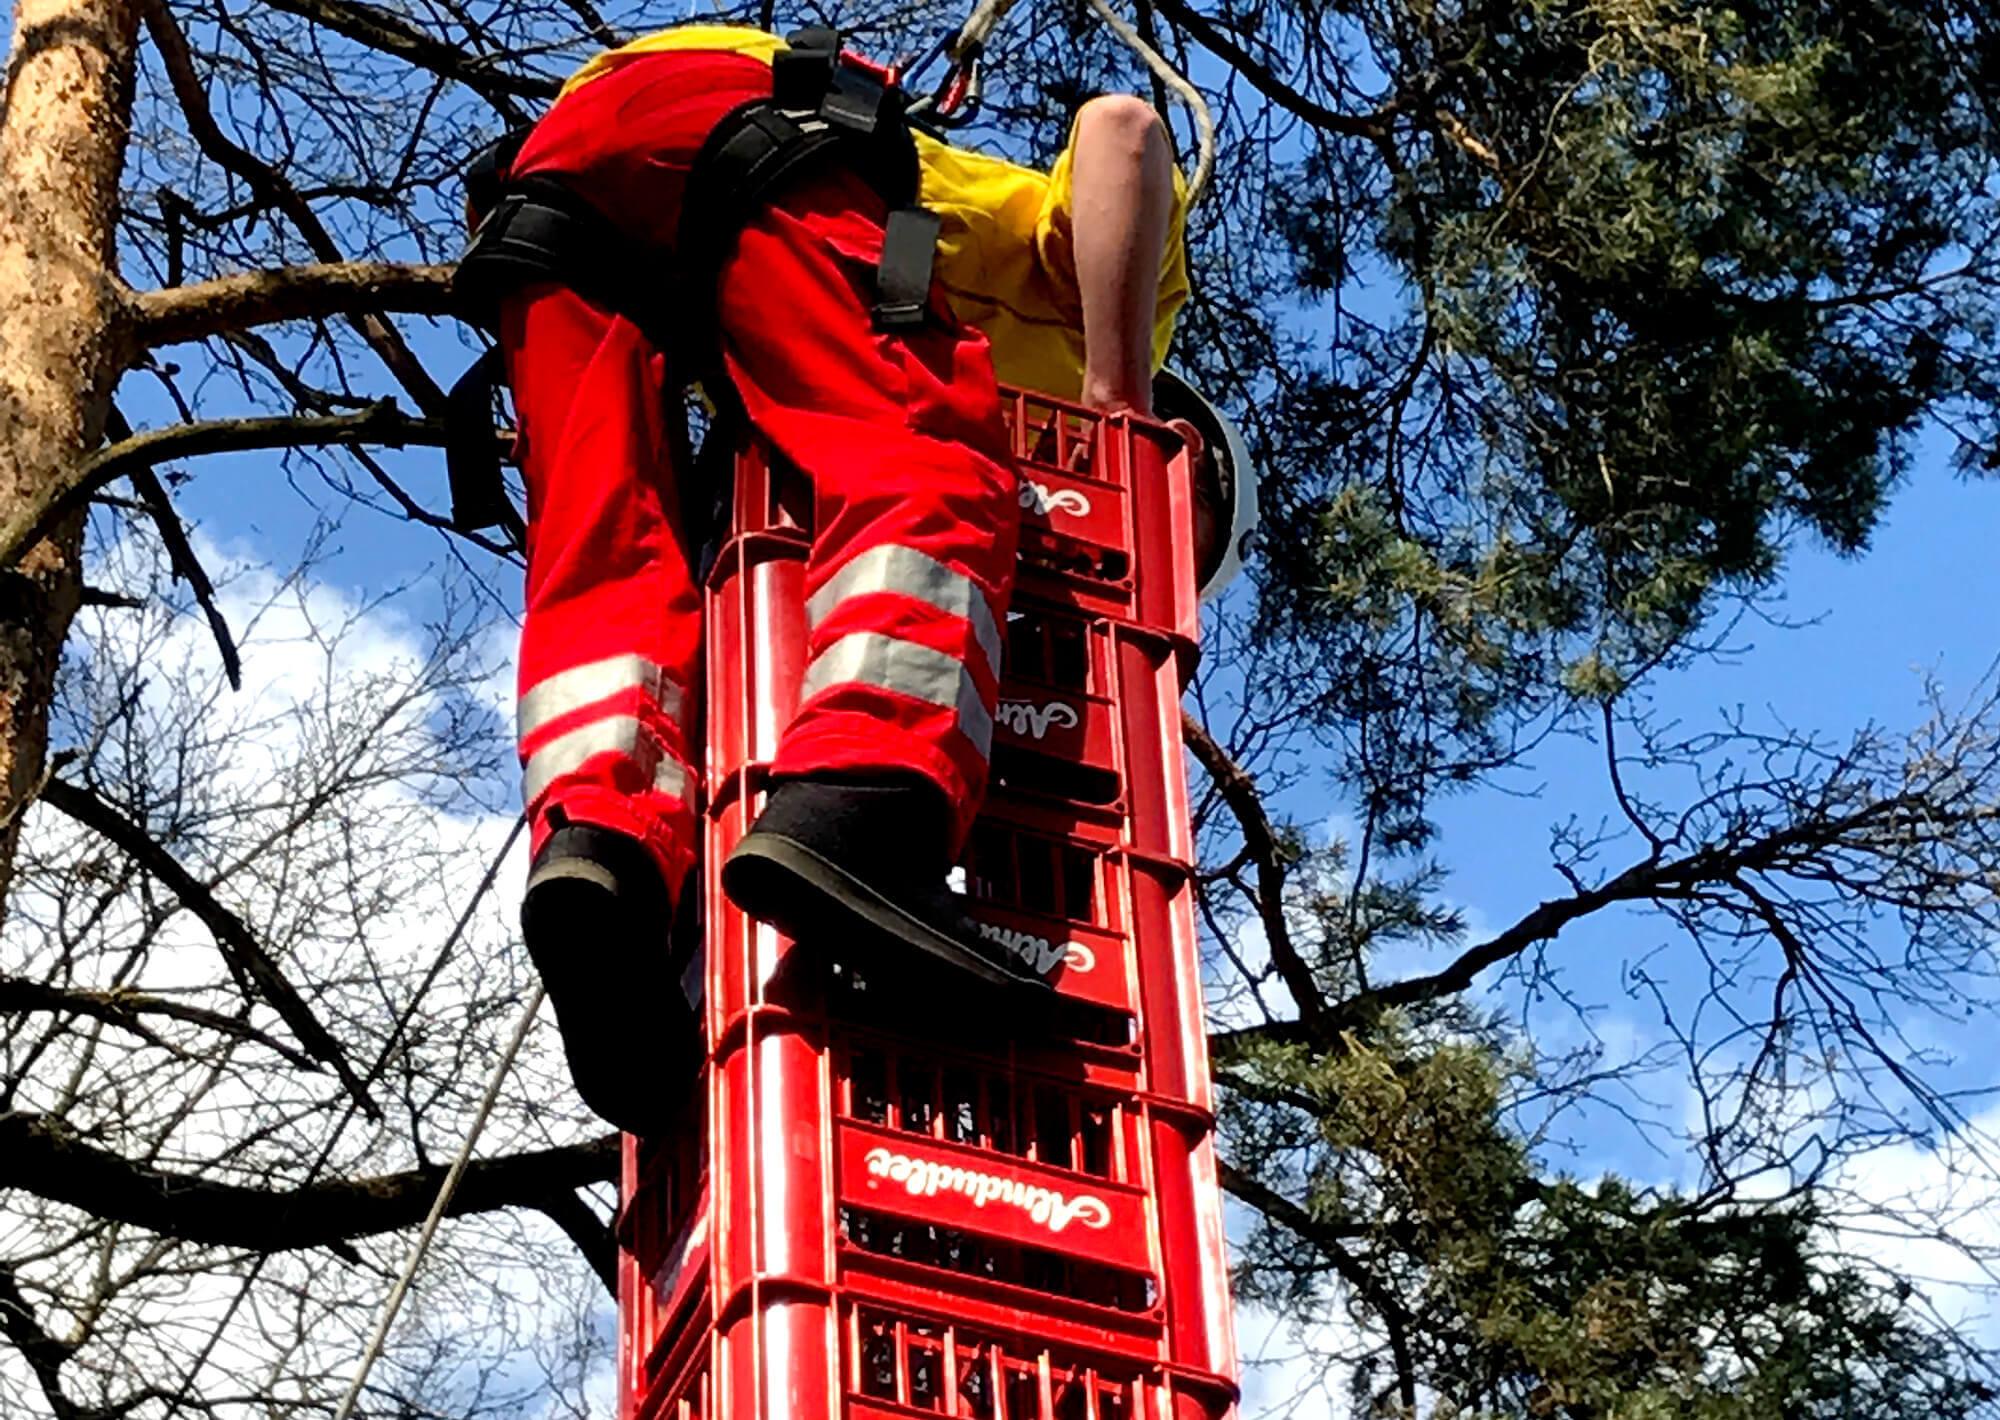 Kistenklettern Stunt at Adrenalinpark